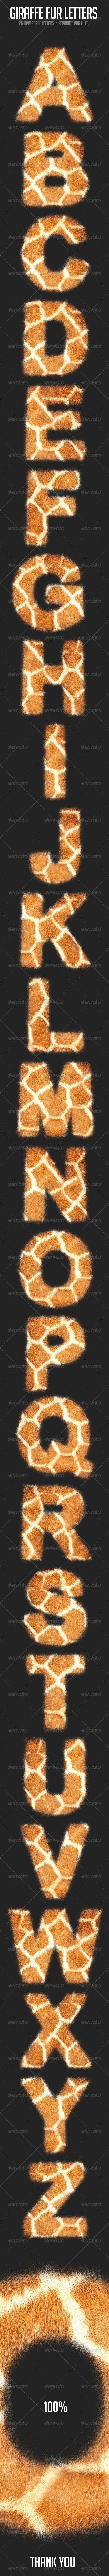 GraphicRiver Giraffe Fur Letters 7220038